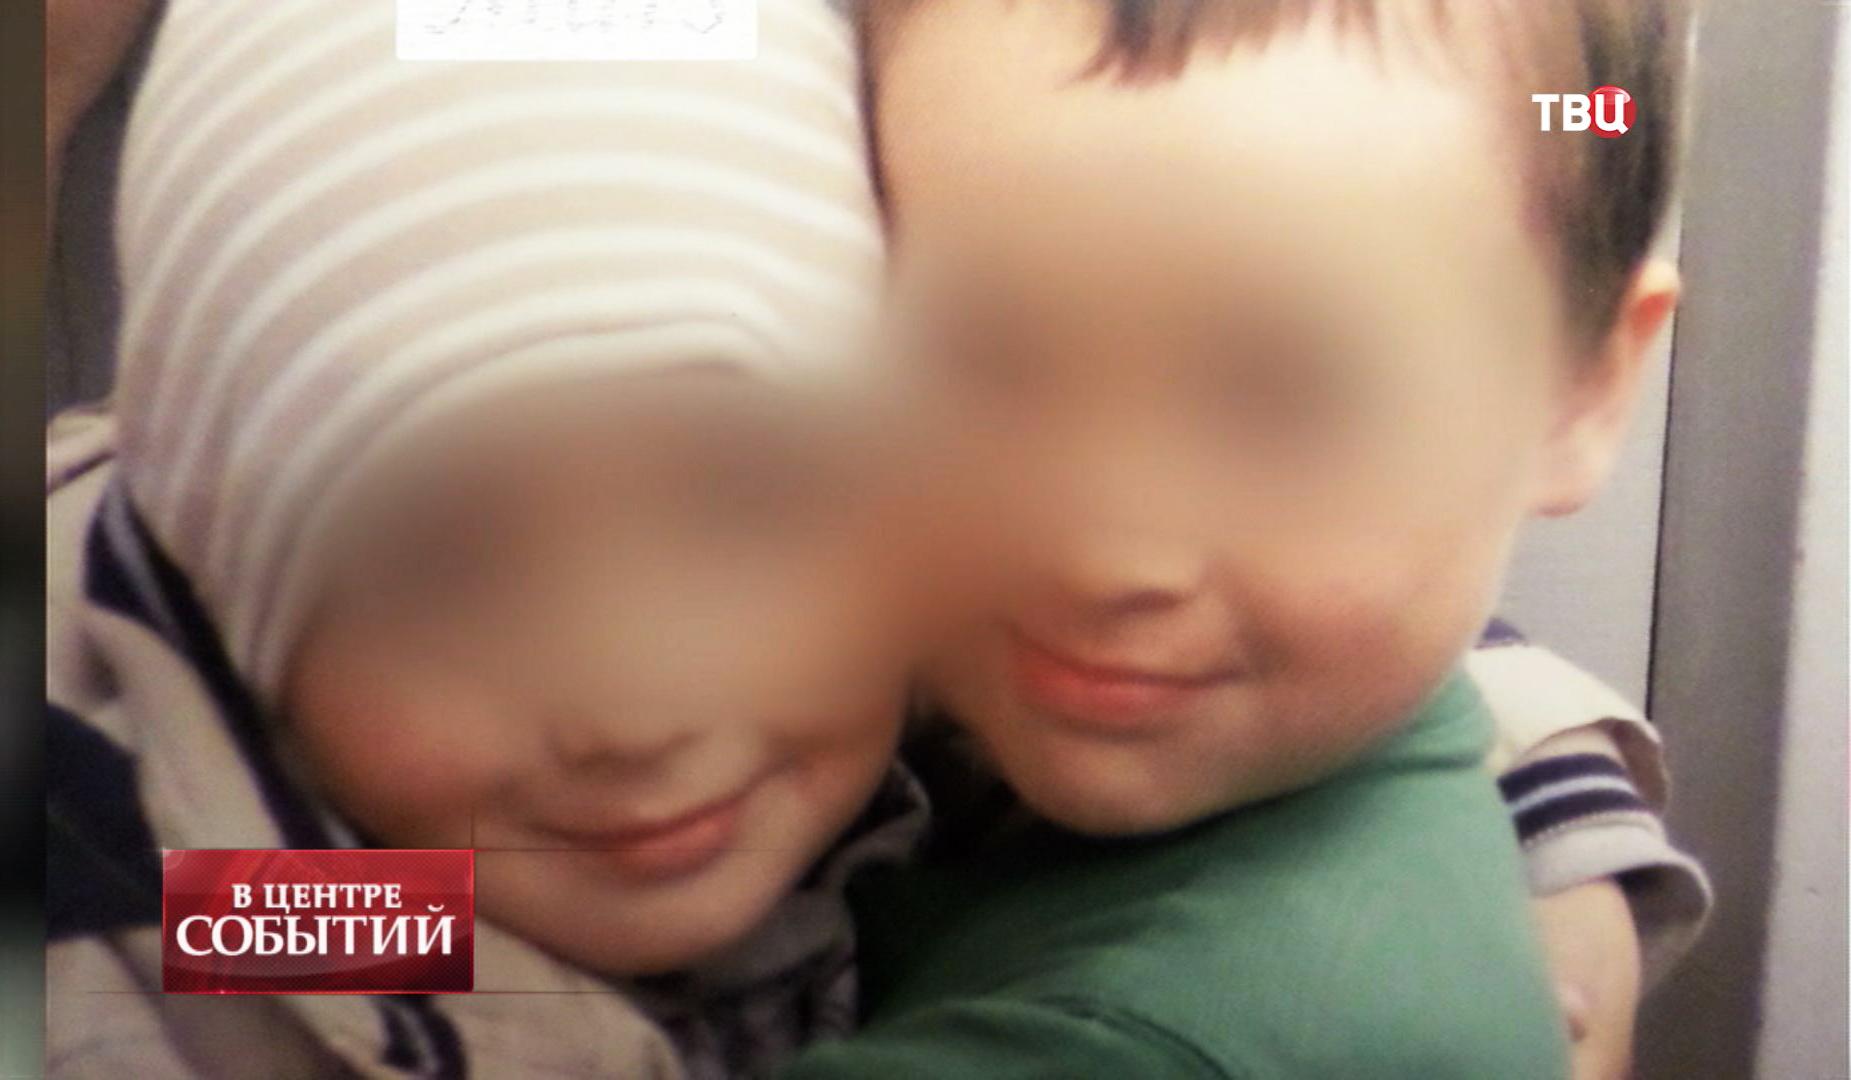 насилуют 12 летнего ребенка: